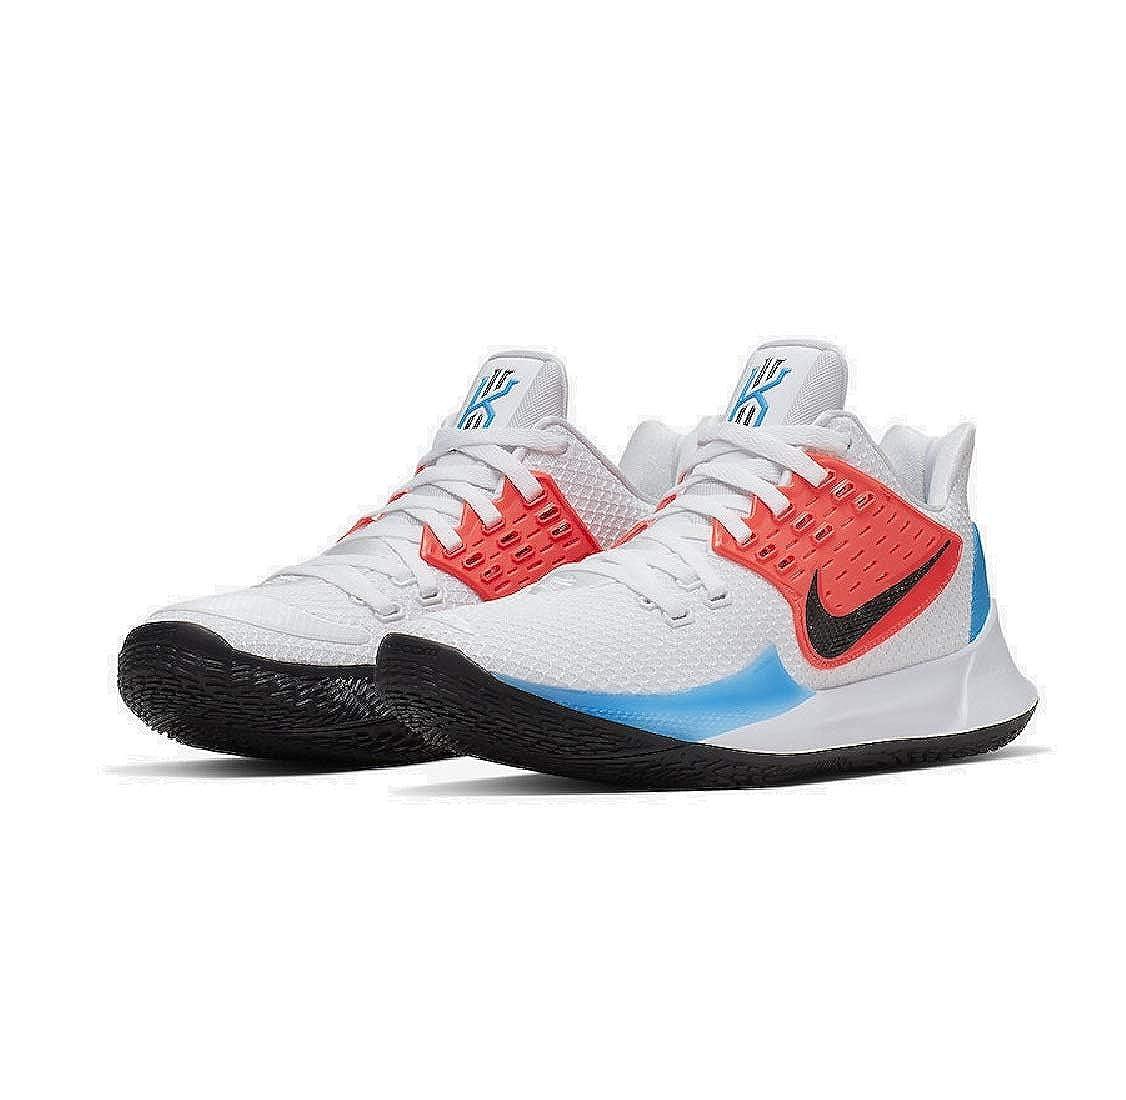 the best attitude d143c 724fb Amazon.com | Nike Kyrie 2 Low White Blue Crimson AV6337-100 ...